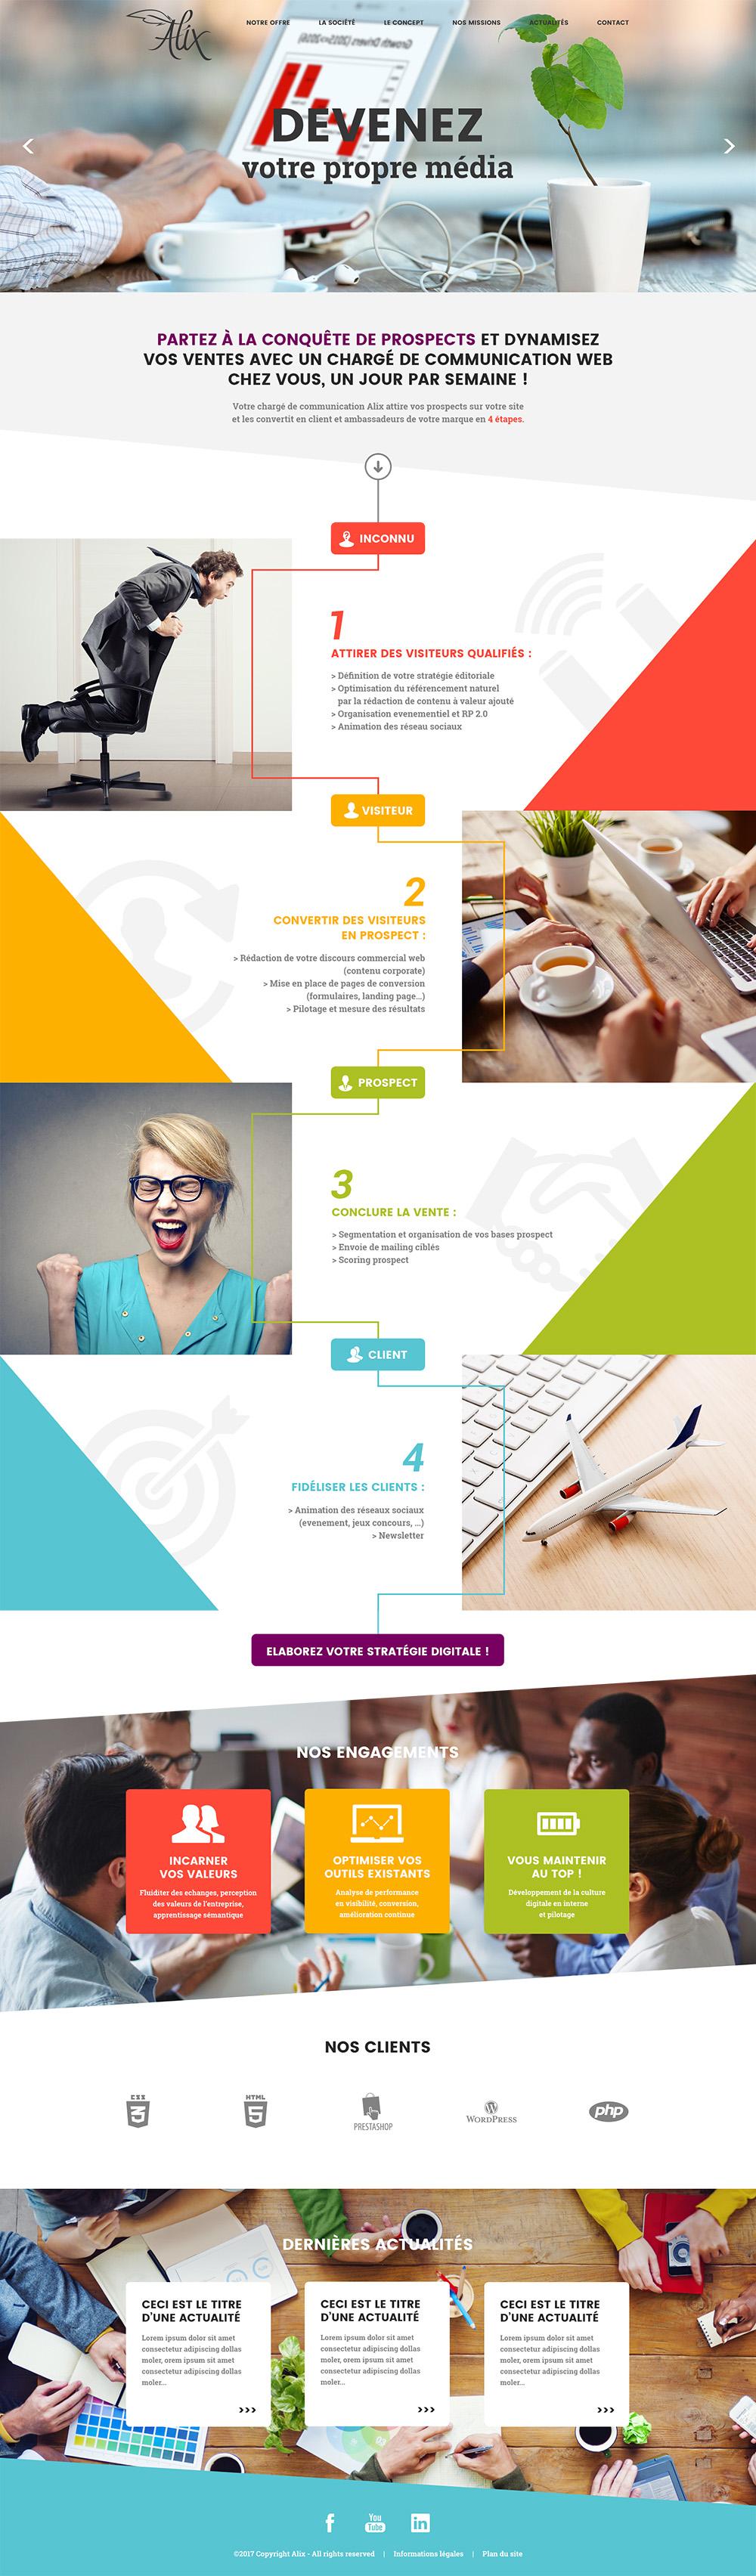 byedel_webdesign_actioncom_alix1